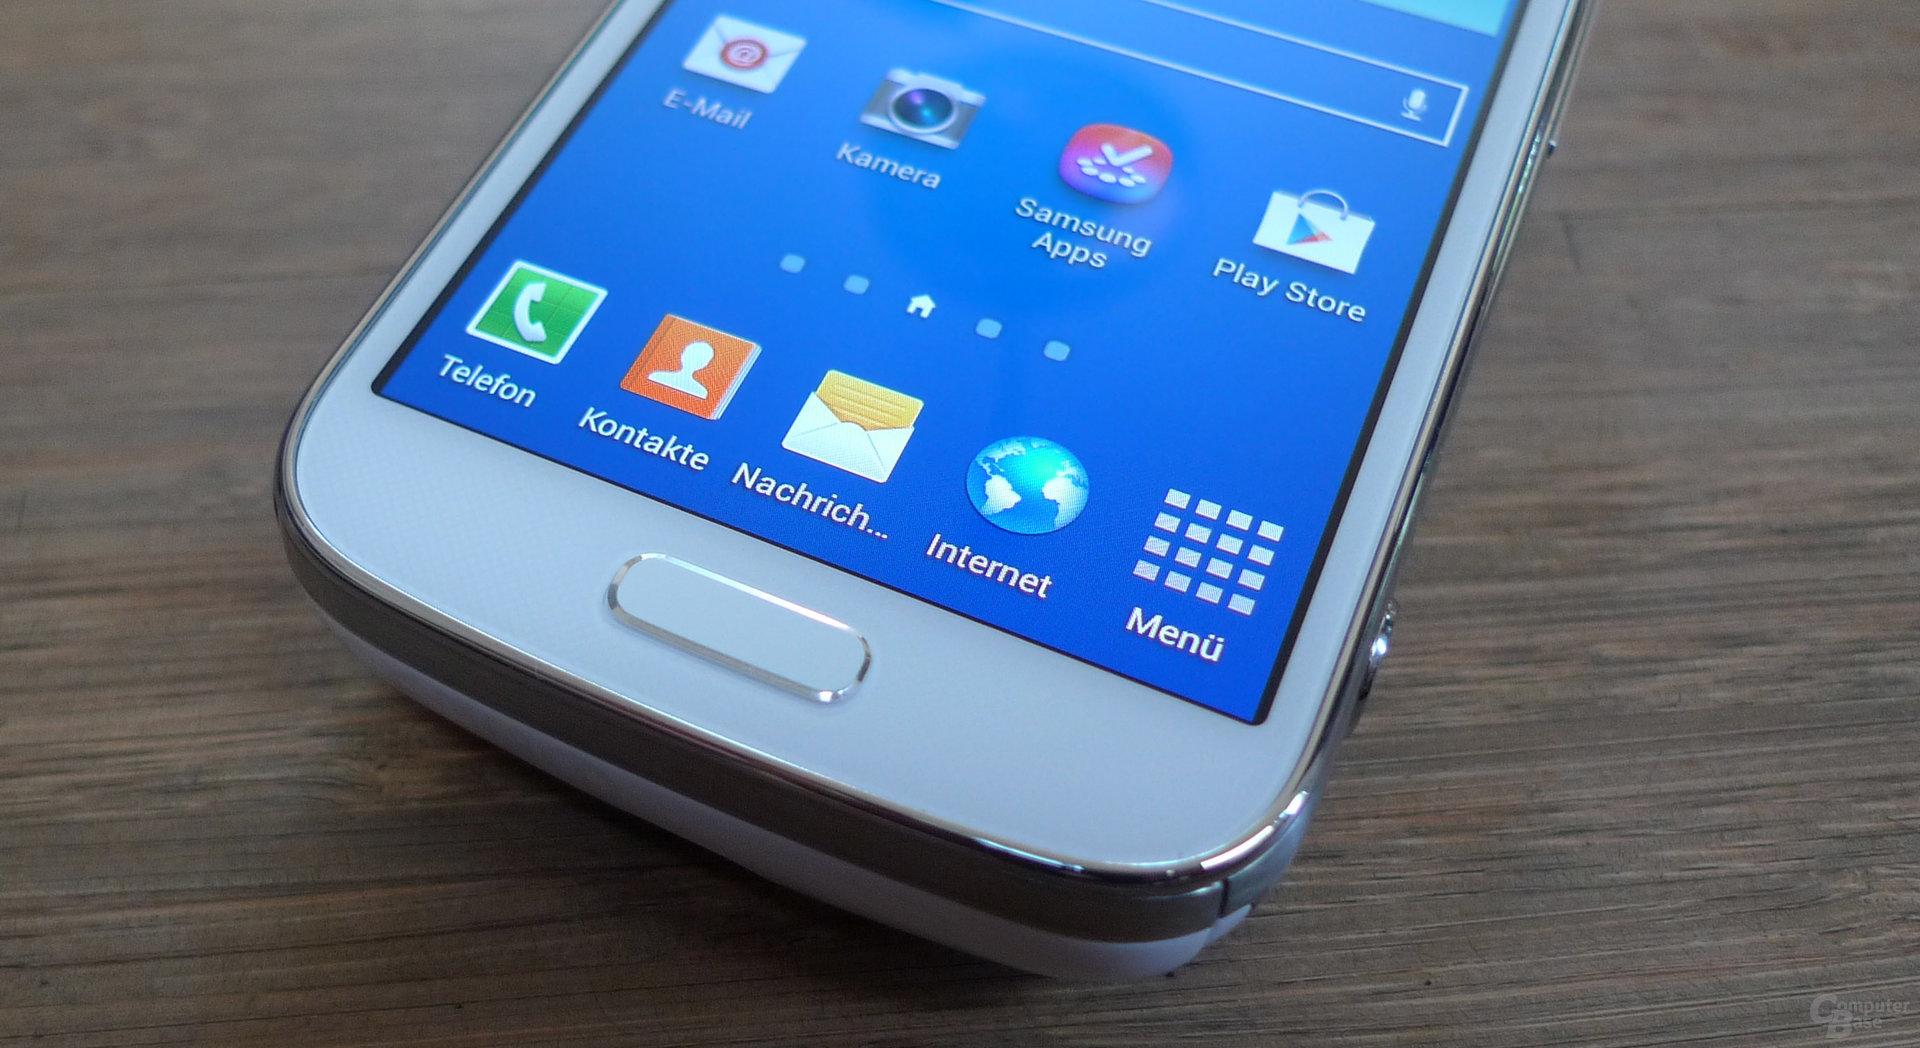 Samsung Galaxy S4 zoom - Display